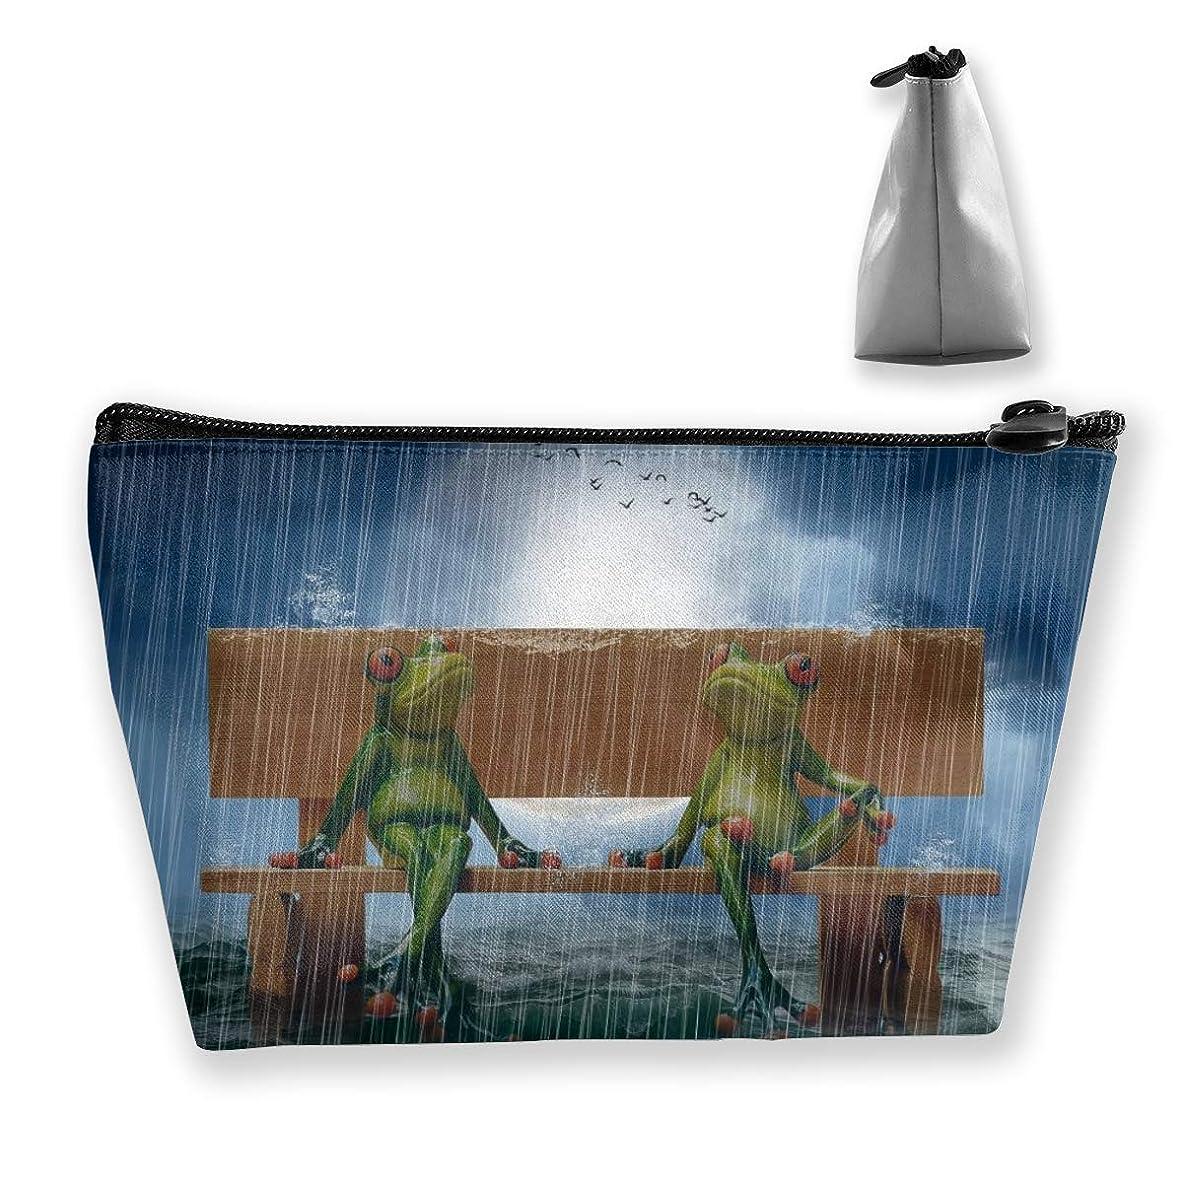 病的アカデミック祖母Szsgqkj 雨でベンチに水彩カエル 化粧品袋の携帯用旅行構造の袋の洗面用品の主催者